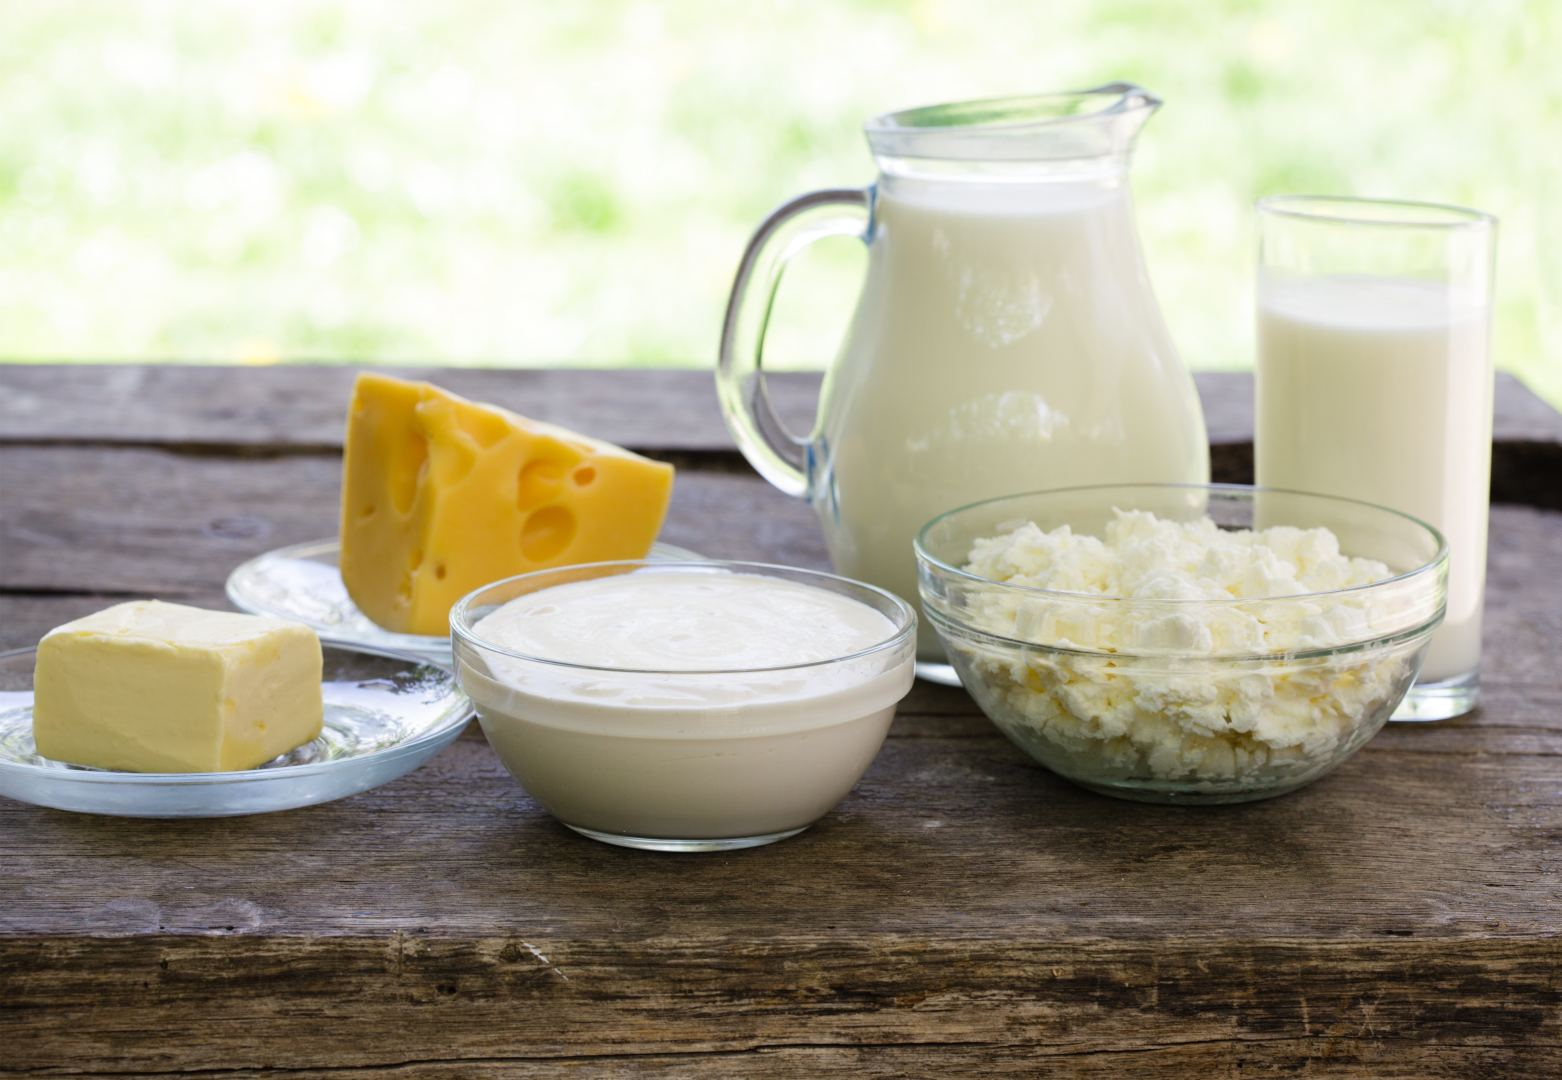 fermentuotų pieno produktų ir hipertenzija yra linų sėmenų aliejus naudingas širdies sveikatai